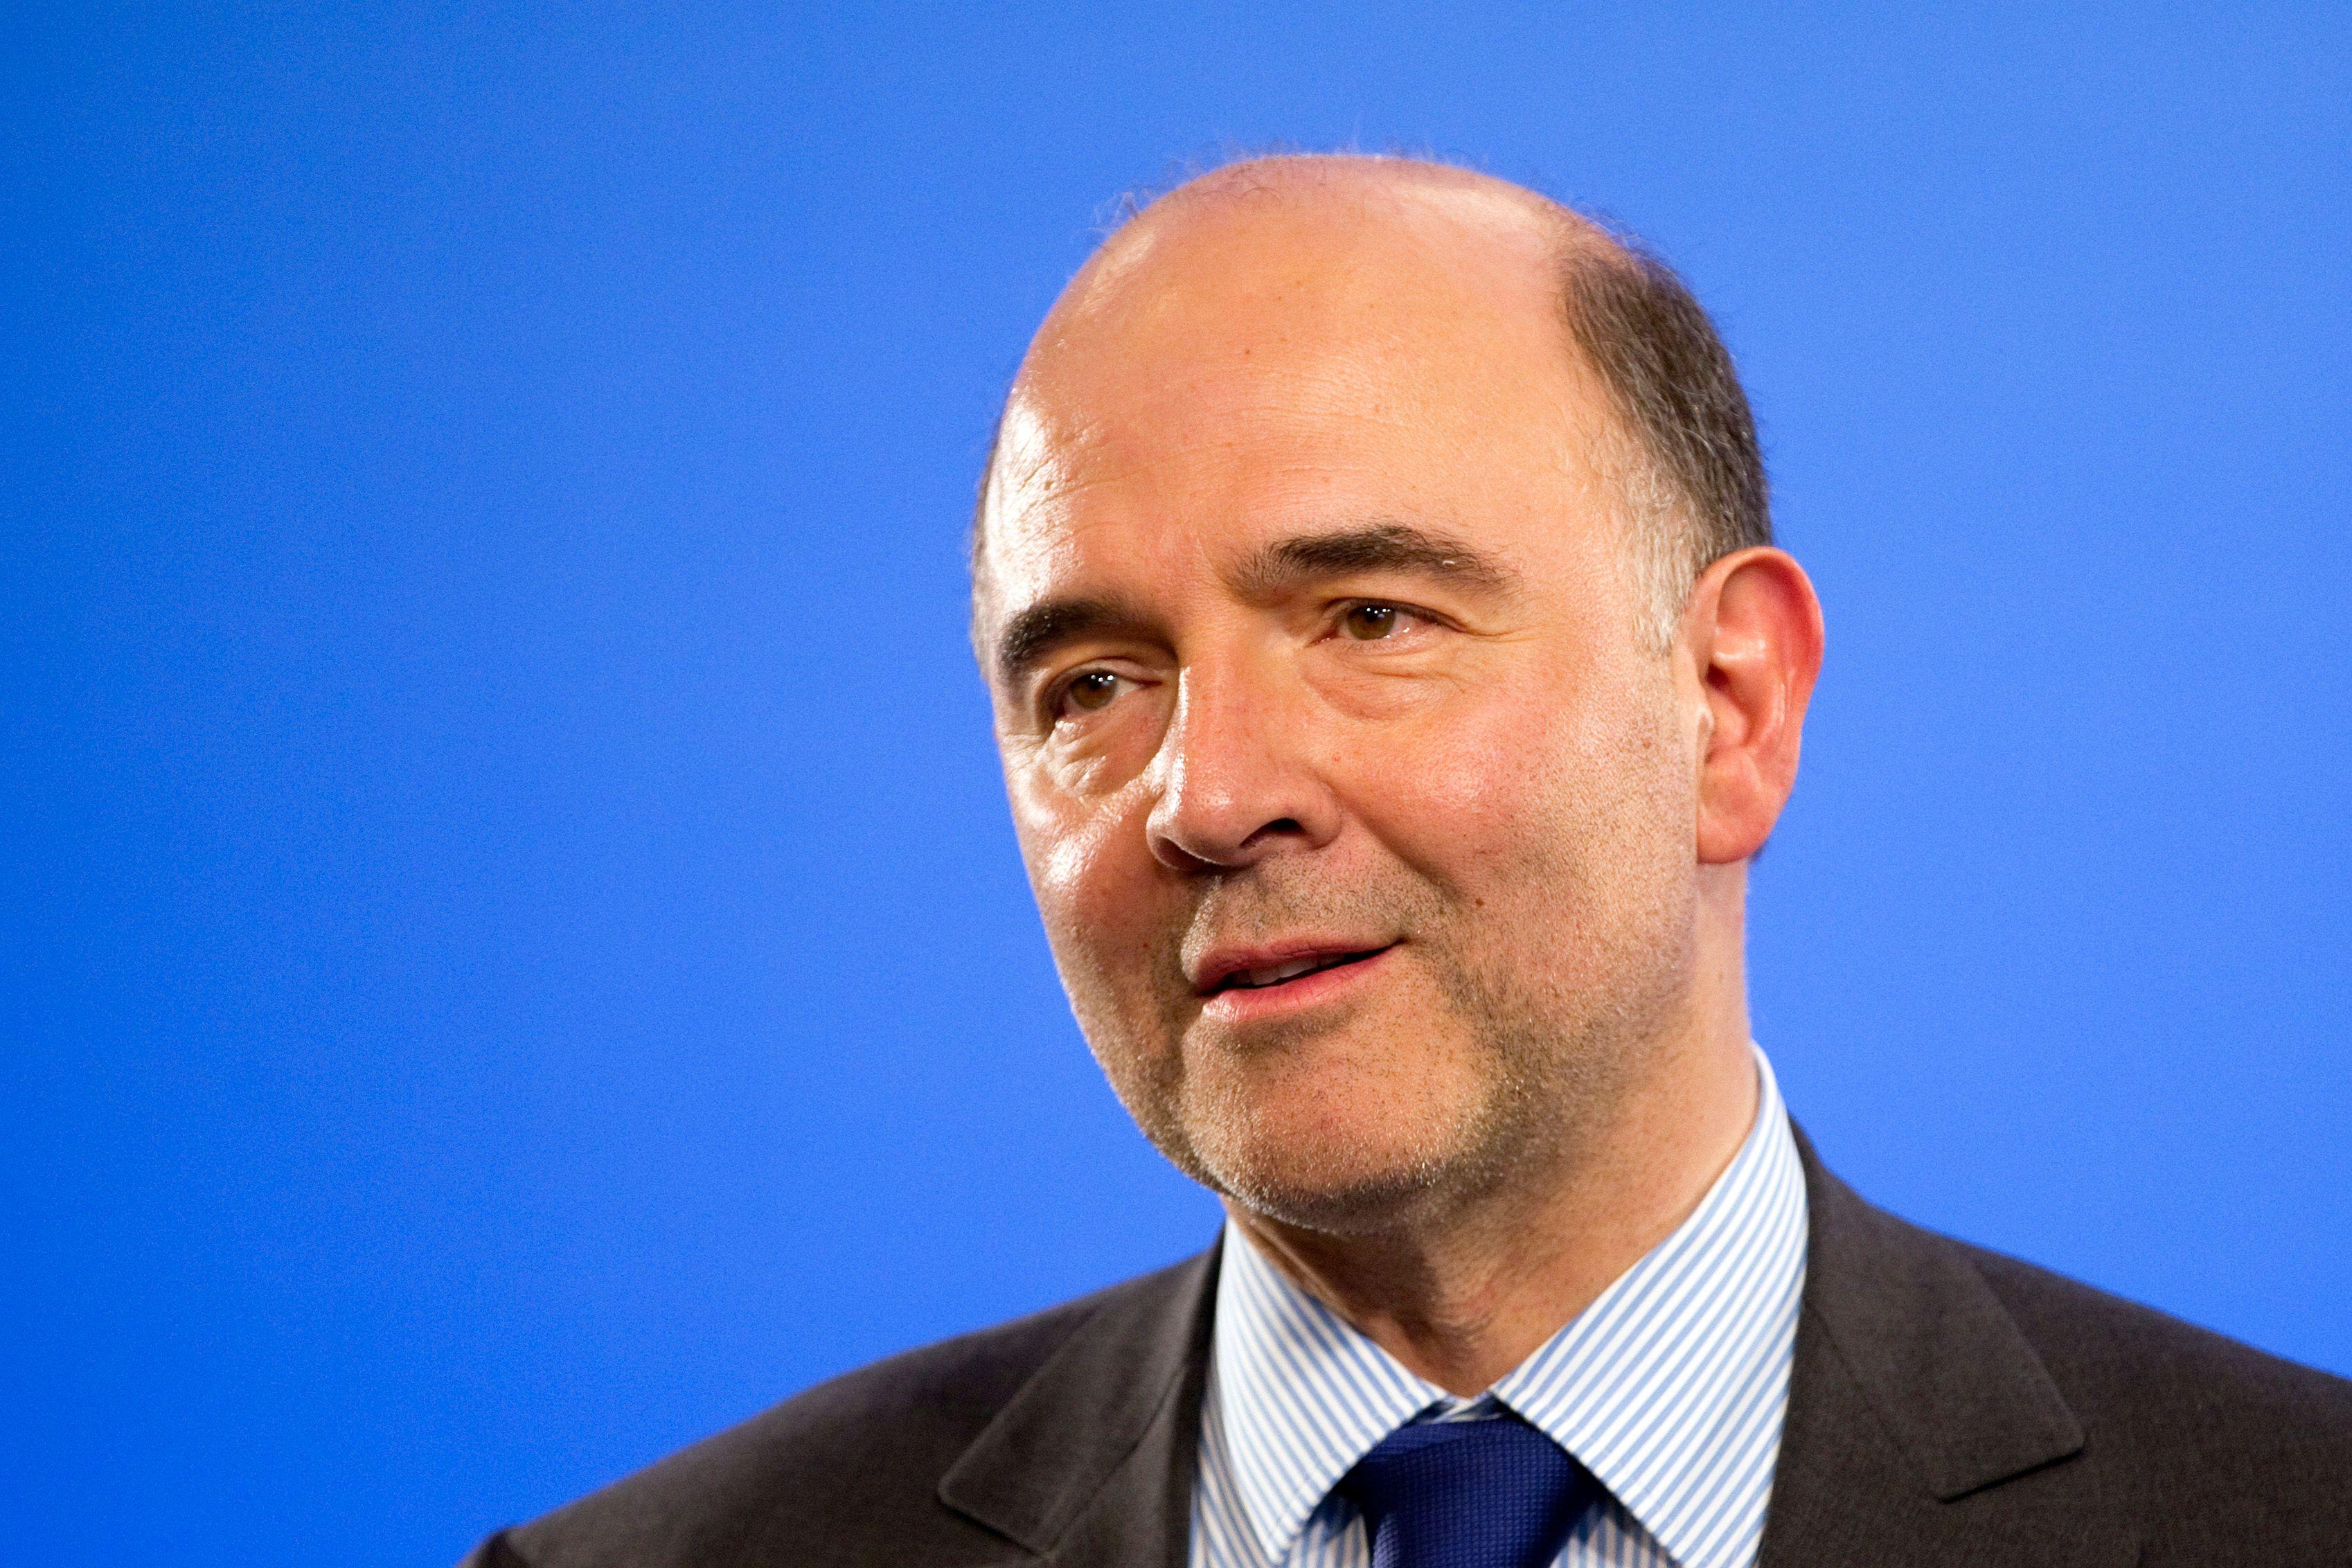 Pierre Moscovici a annoncé que le gouvernement renonçait à l'EBE